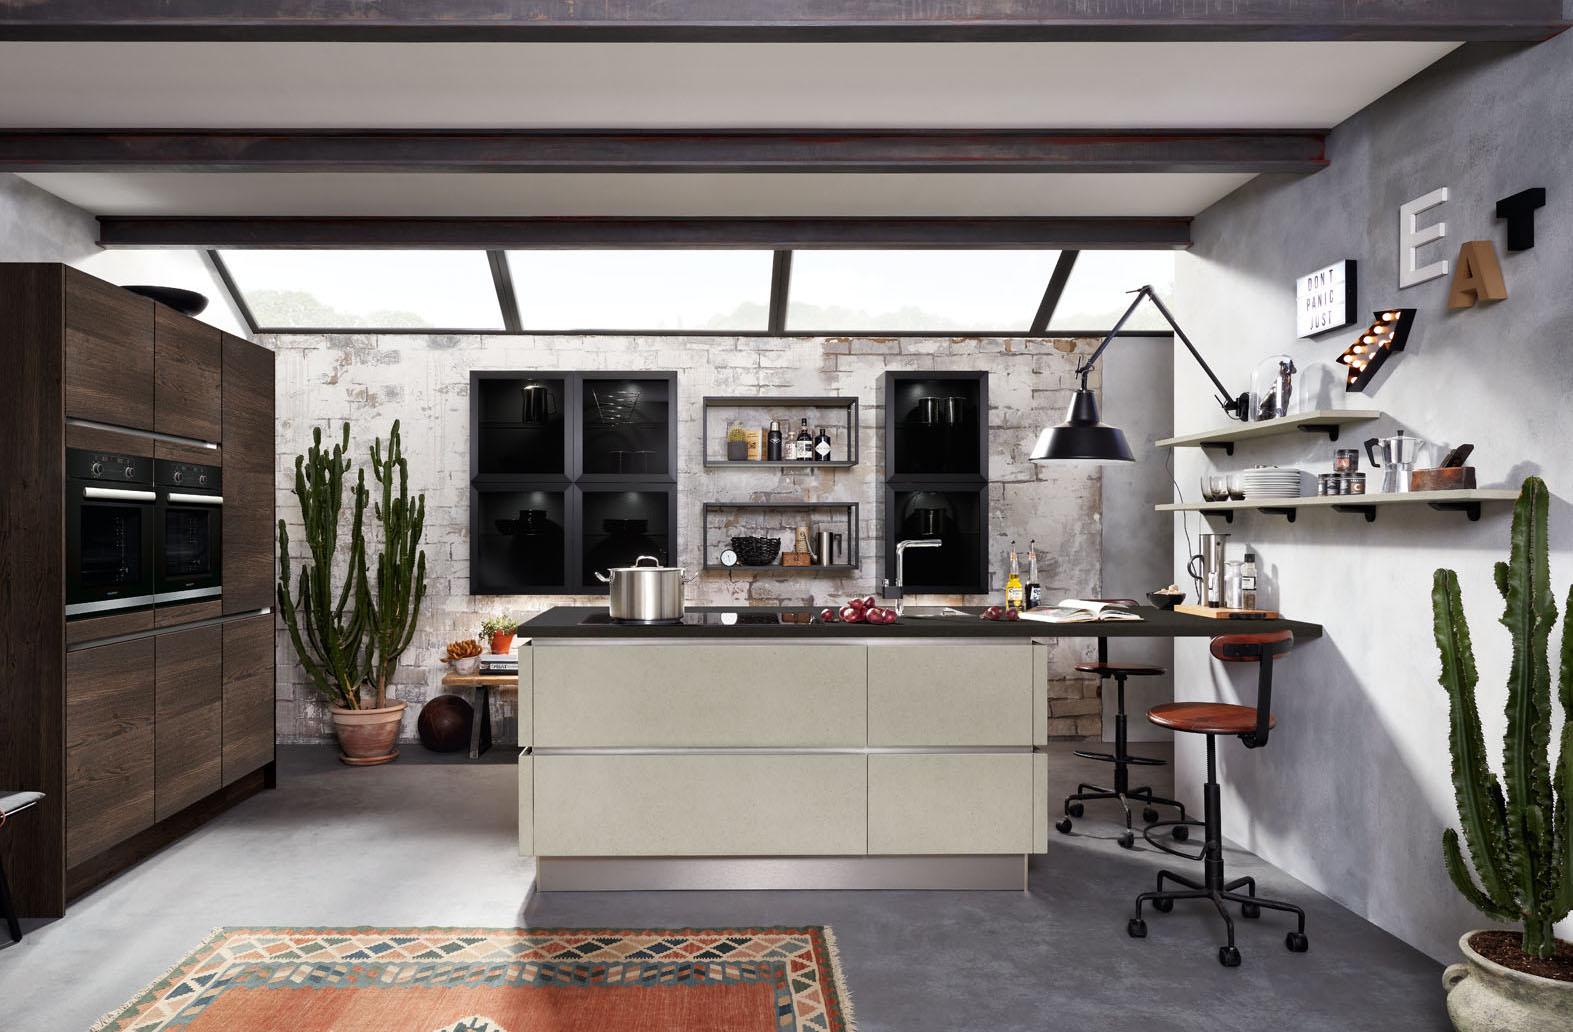 Full Size of Systemat Art Hcker Kchen Küchen Regal Wohnzimmer Real Küchen